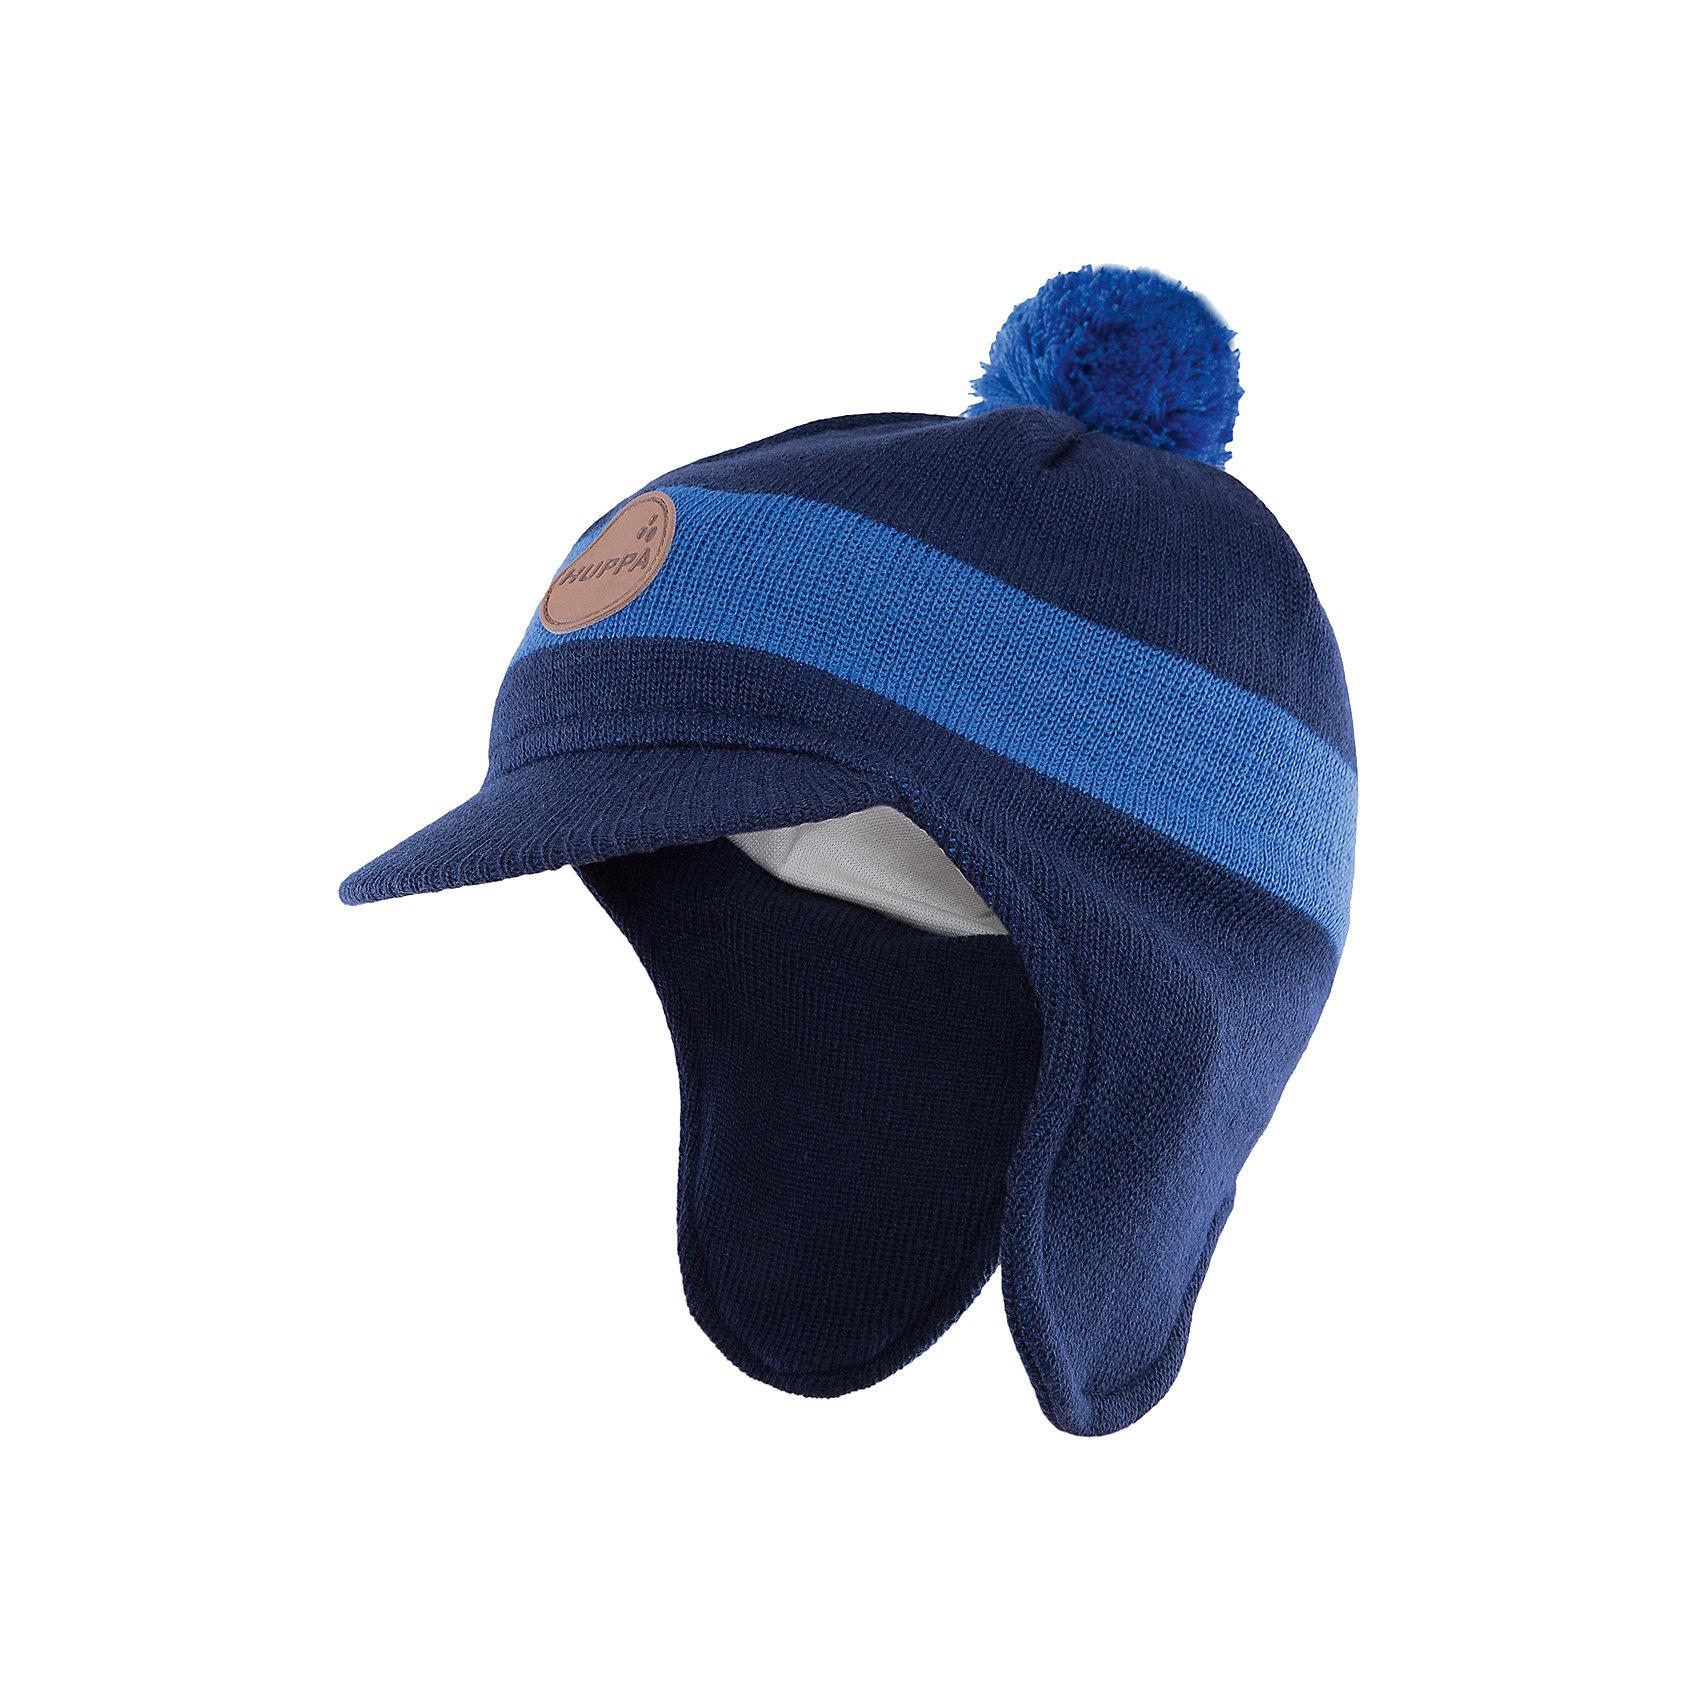 Шапка  HuppaГоловные уборы<br>Шапка Peak с козырьком от Huppa(Хуппа) надежно сохранит тепло для вашего ребенка. Она изготовлена из шерсти и акрила, с подкладкой из натурального хлопка. Удлиненные бока и козырек защитят малыша от мороза и ветра. Шапка украшена помпоном и эмблемой фирмы. Прекрасно подойдет для холодной погоды.<br><br>Дополнительная информация:<br>Цвет: синий/темно-синий<br>Материал: 30% шерсть мериноса, 70% акрил<br>Подкладка: 100% хлопок<br><br>Шапку с козырьком Huppa(Хуппа) вы можете купить в нашем интернет-магазине.<br><br>Ширина мм: 89<br>Глубина мм: 117<br>Высота мм: 44<br>Вес г: 155<br>Цвет: синий<br>Возраст от месяцев: 12<br>Возраст до месяцев: 24<br>Пол: Мужской<br>Возраст: Детский<br>Размер: 47-49,55-57,51-53<br>SKU: 4923561